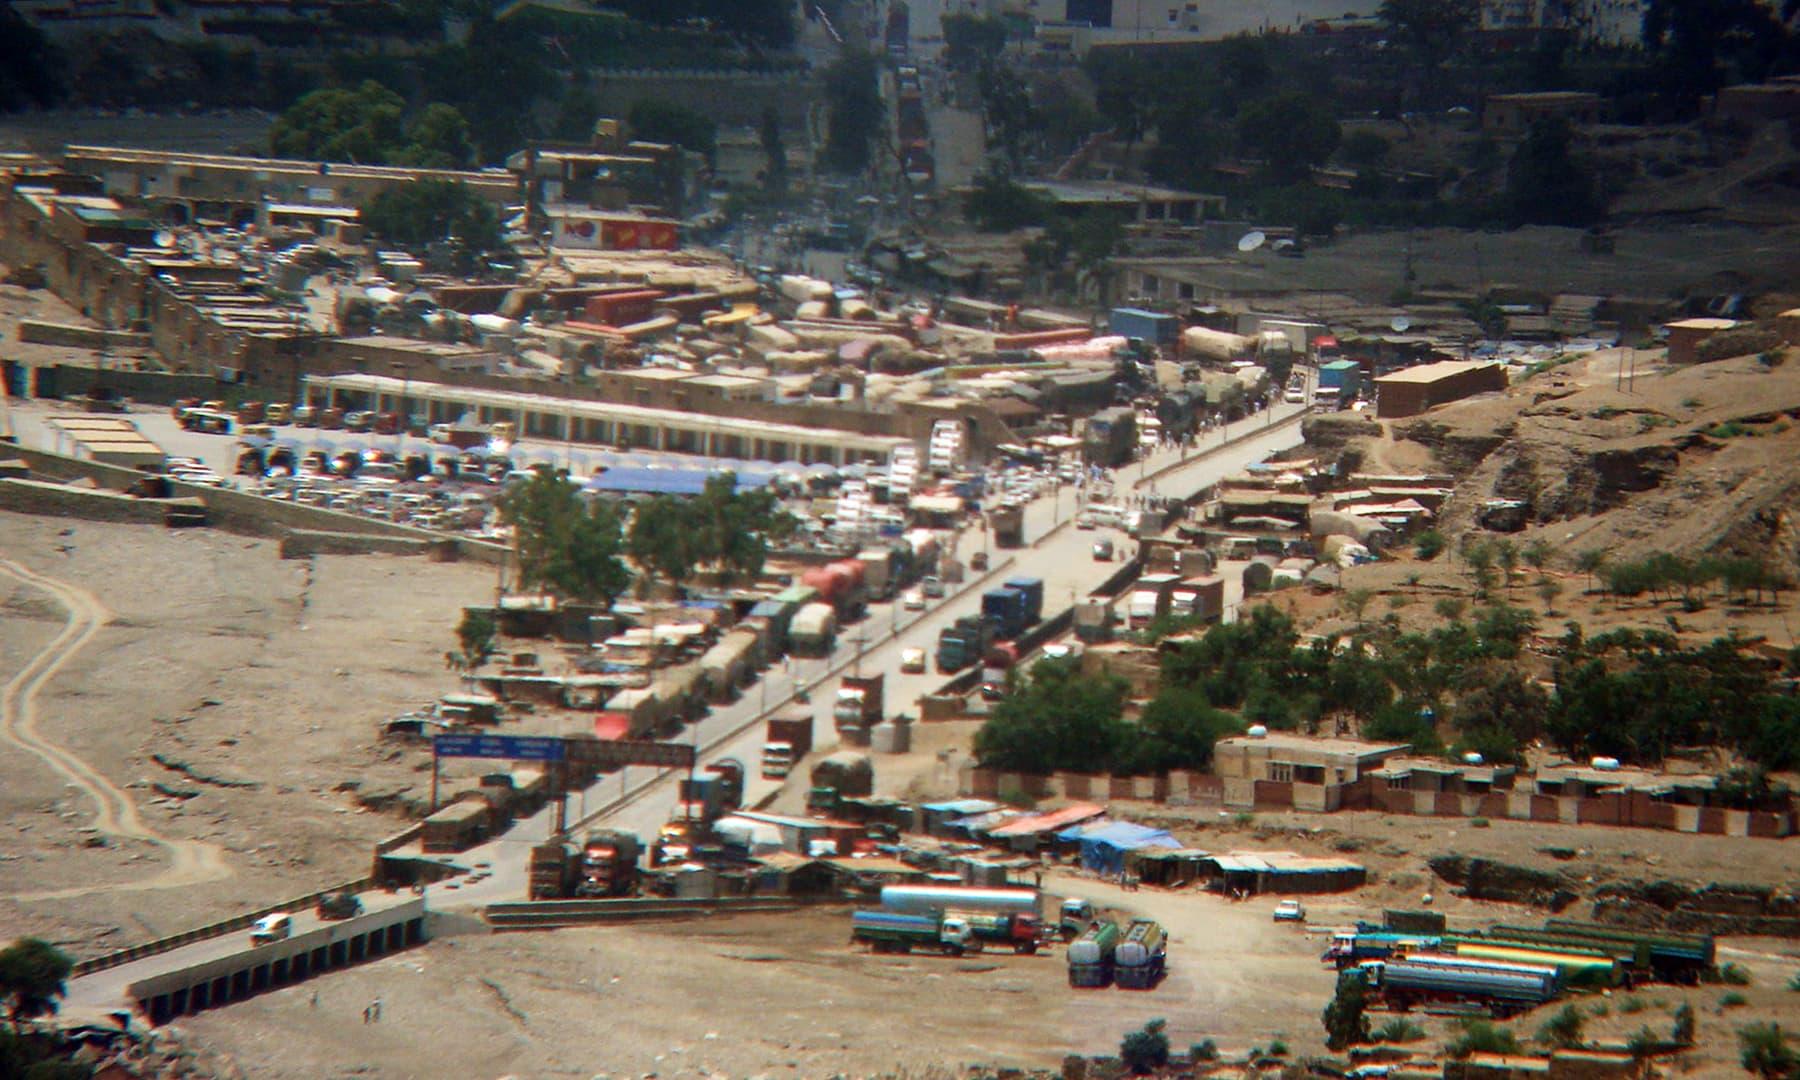 2006ء میں دوربین کی مدد سے میچنی فورٹ سے تورخم بارڈر اور جلال آباد شہر کی ایک یادگار تصویر—فوٹو: عظمت اکبر